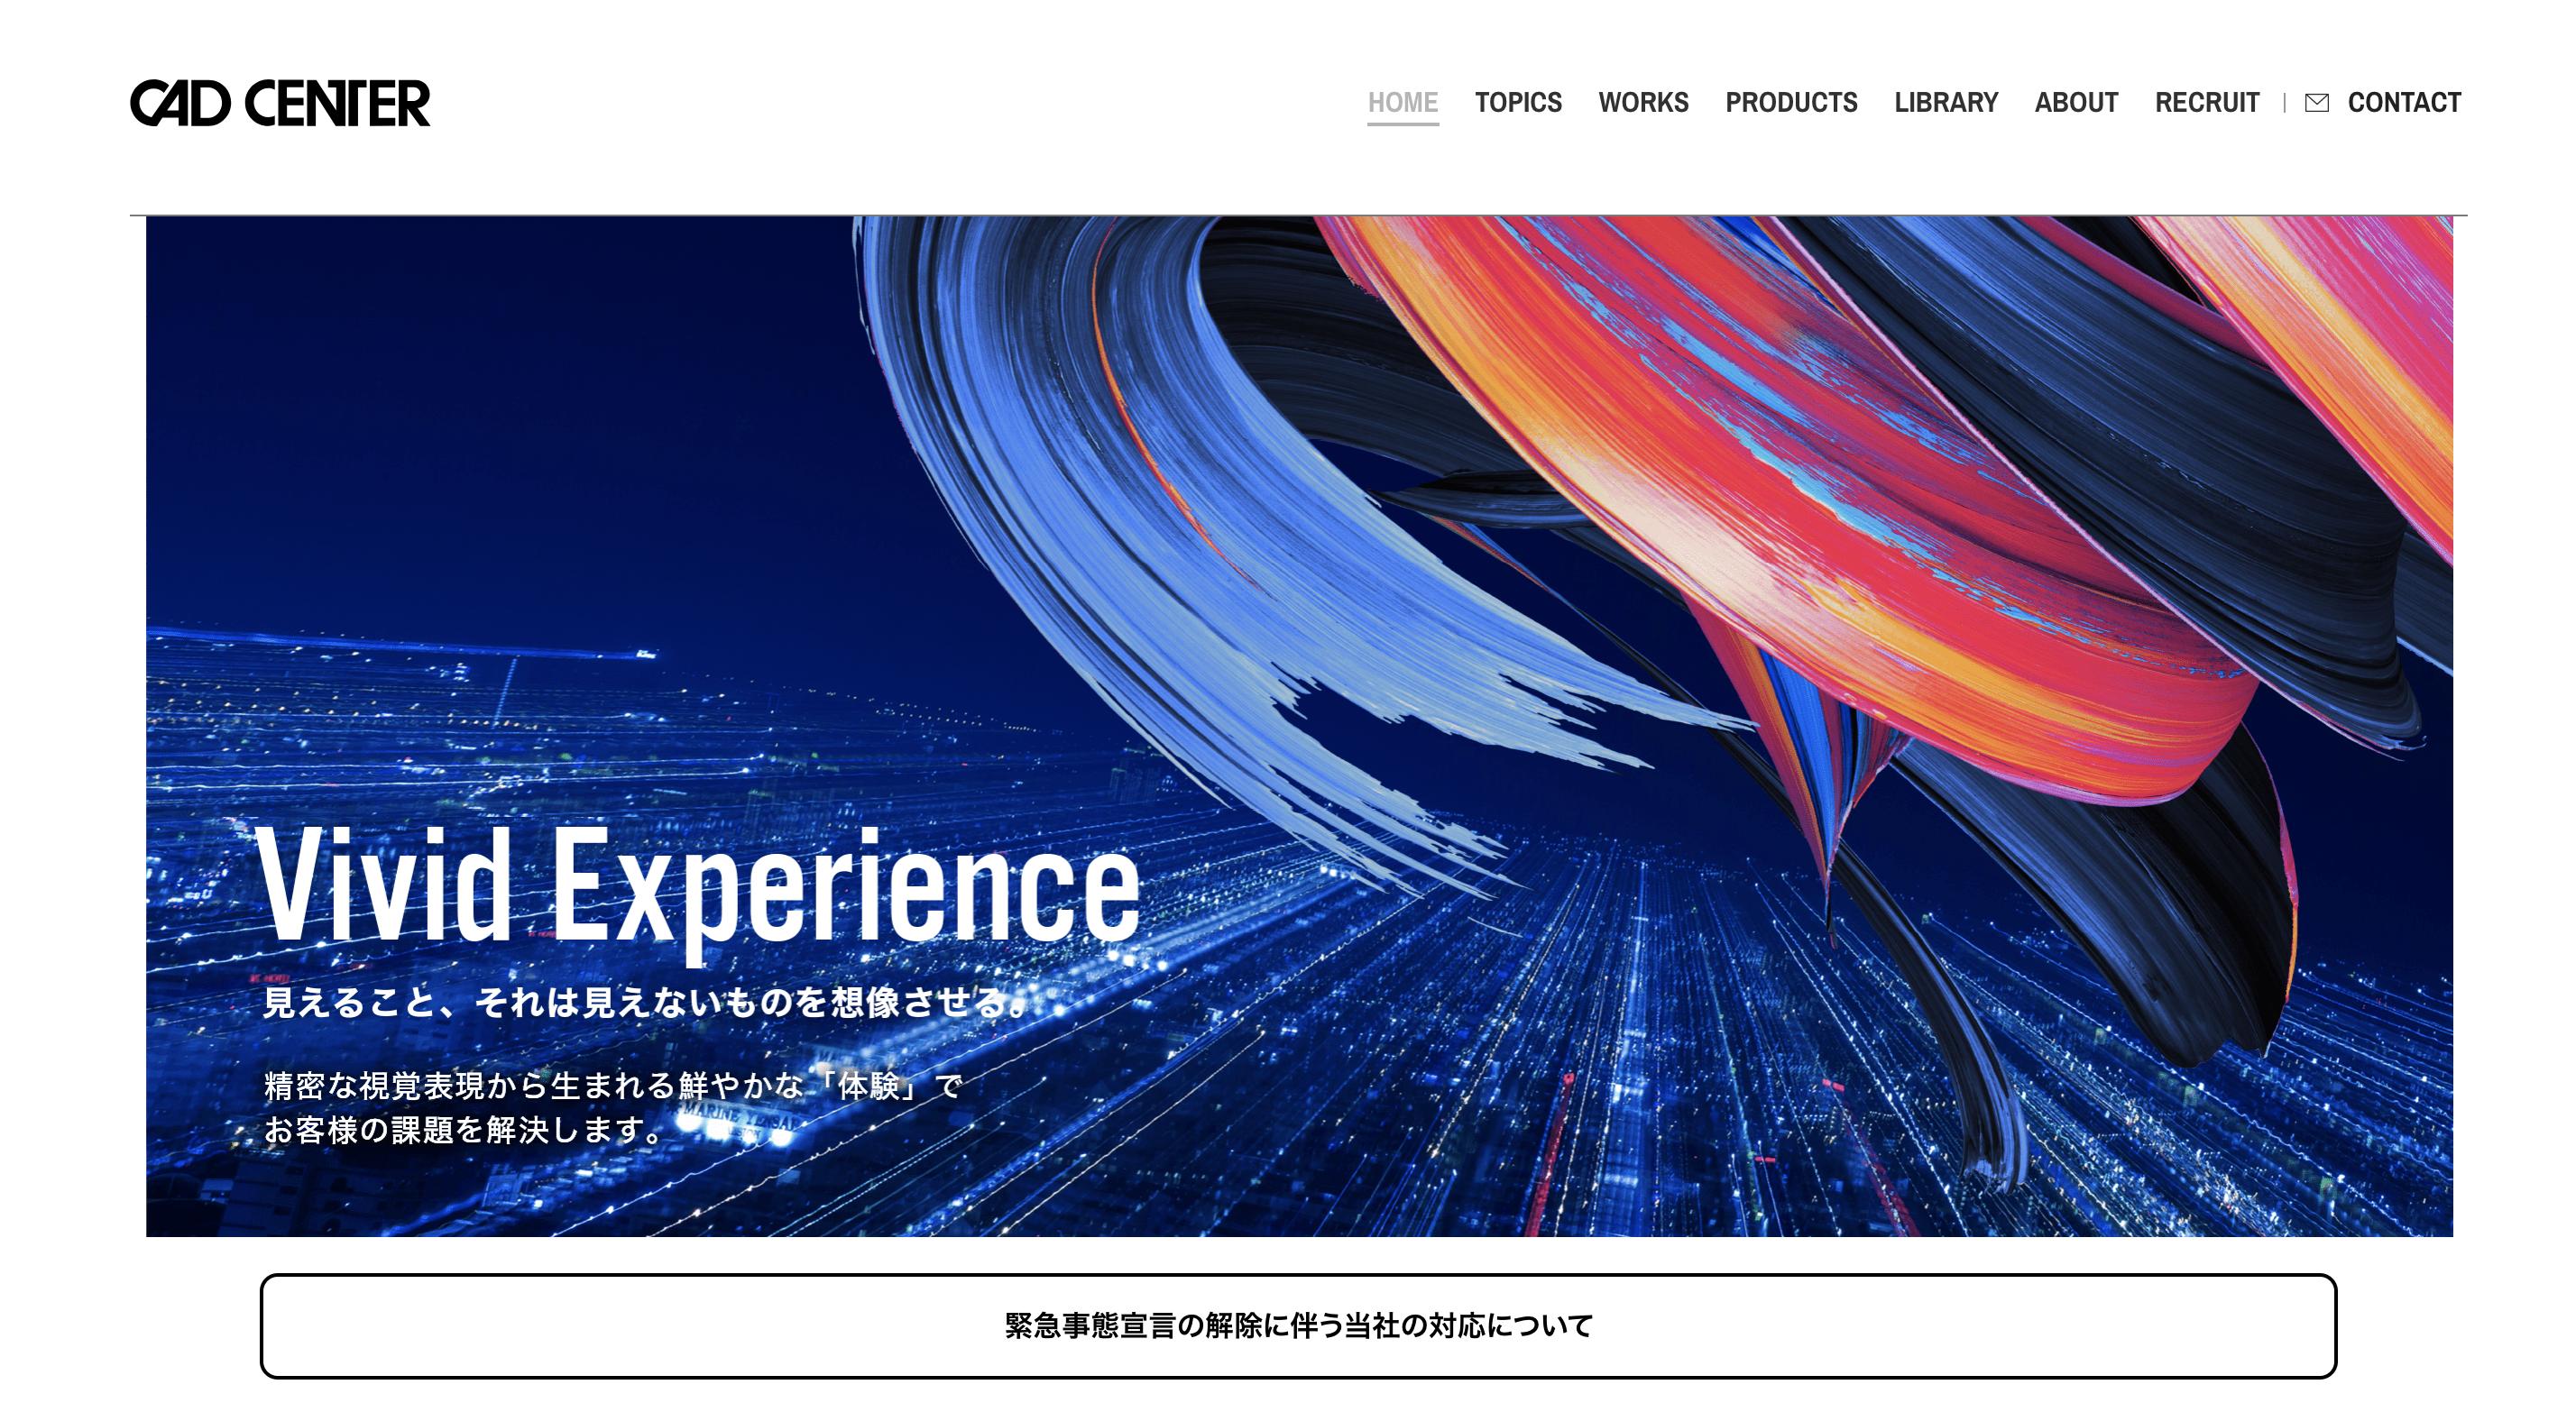 CAD CENTERのウェブサイトのスクリーンショット